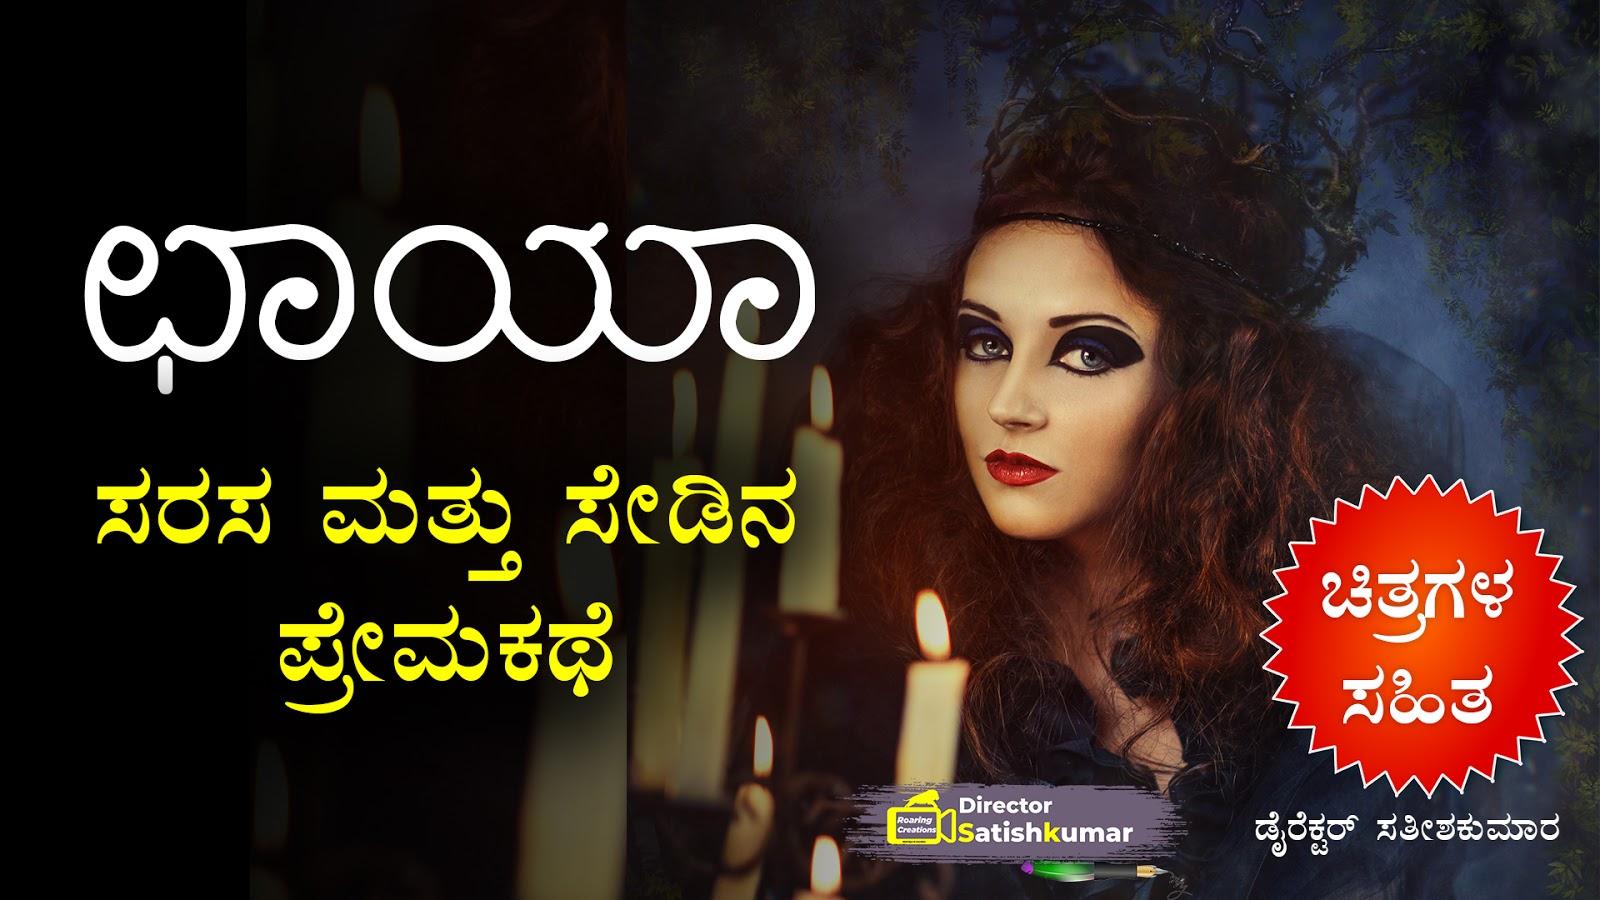 ಛಾಯಾ ;  ಸರಸ ಮತ್ತು ಸೇಡಿನ ಪ್ರೇಮಕಥೆ - Romance and Revenge Love Story in Kannada